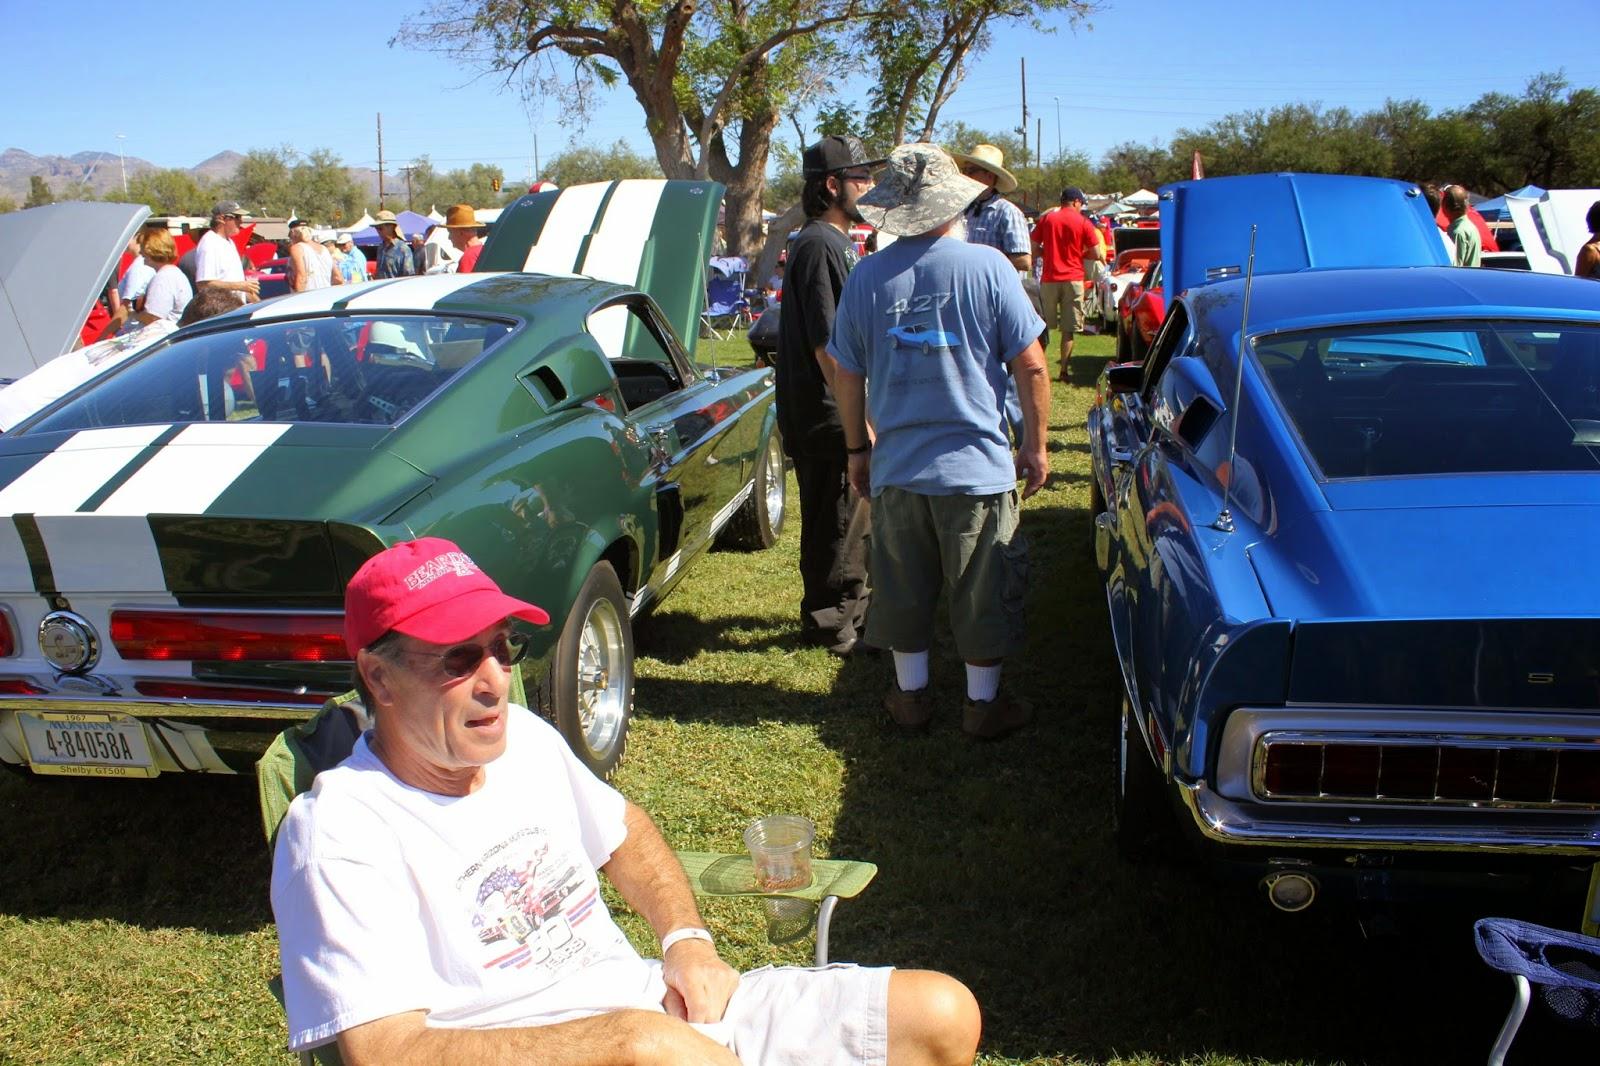 Moon Ventures Tucson Classic Car Show - Tucson classic car show